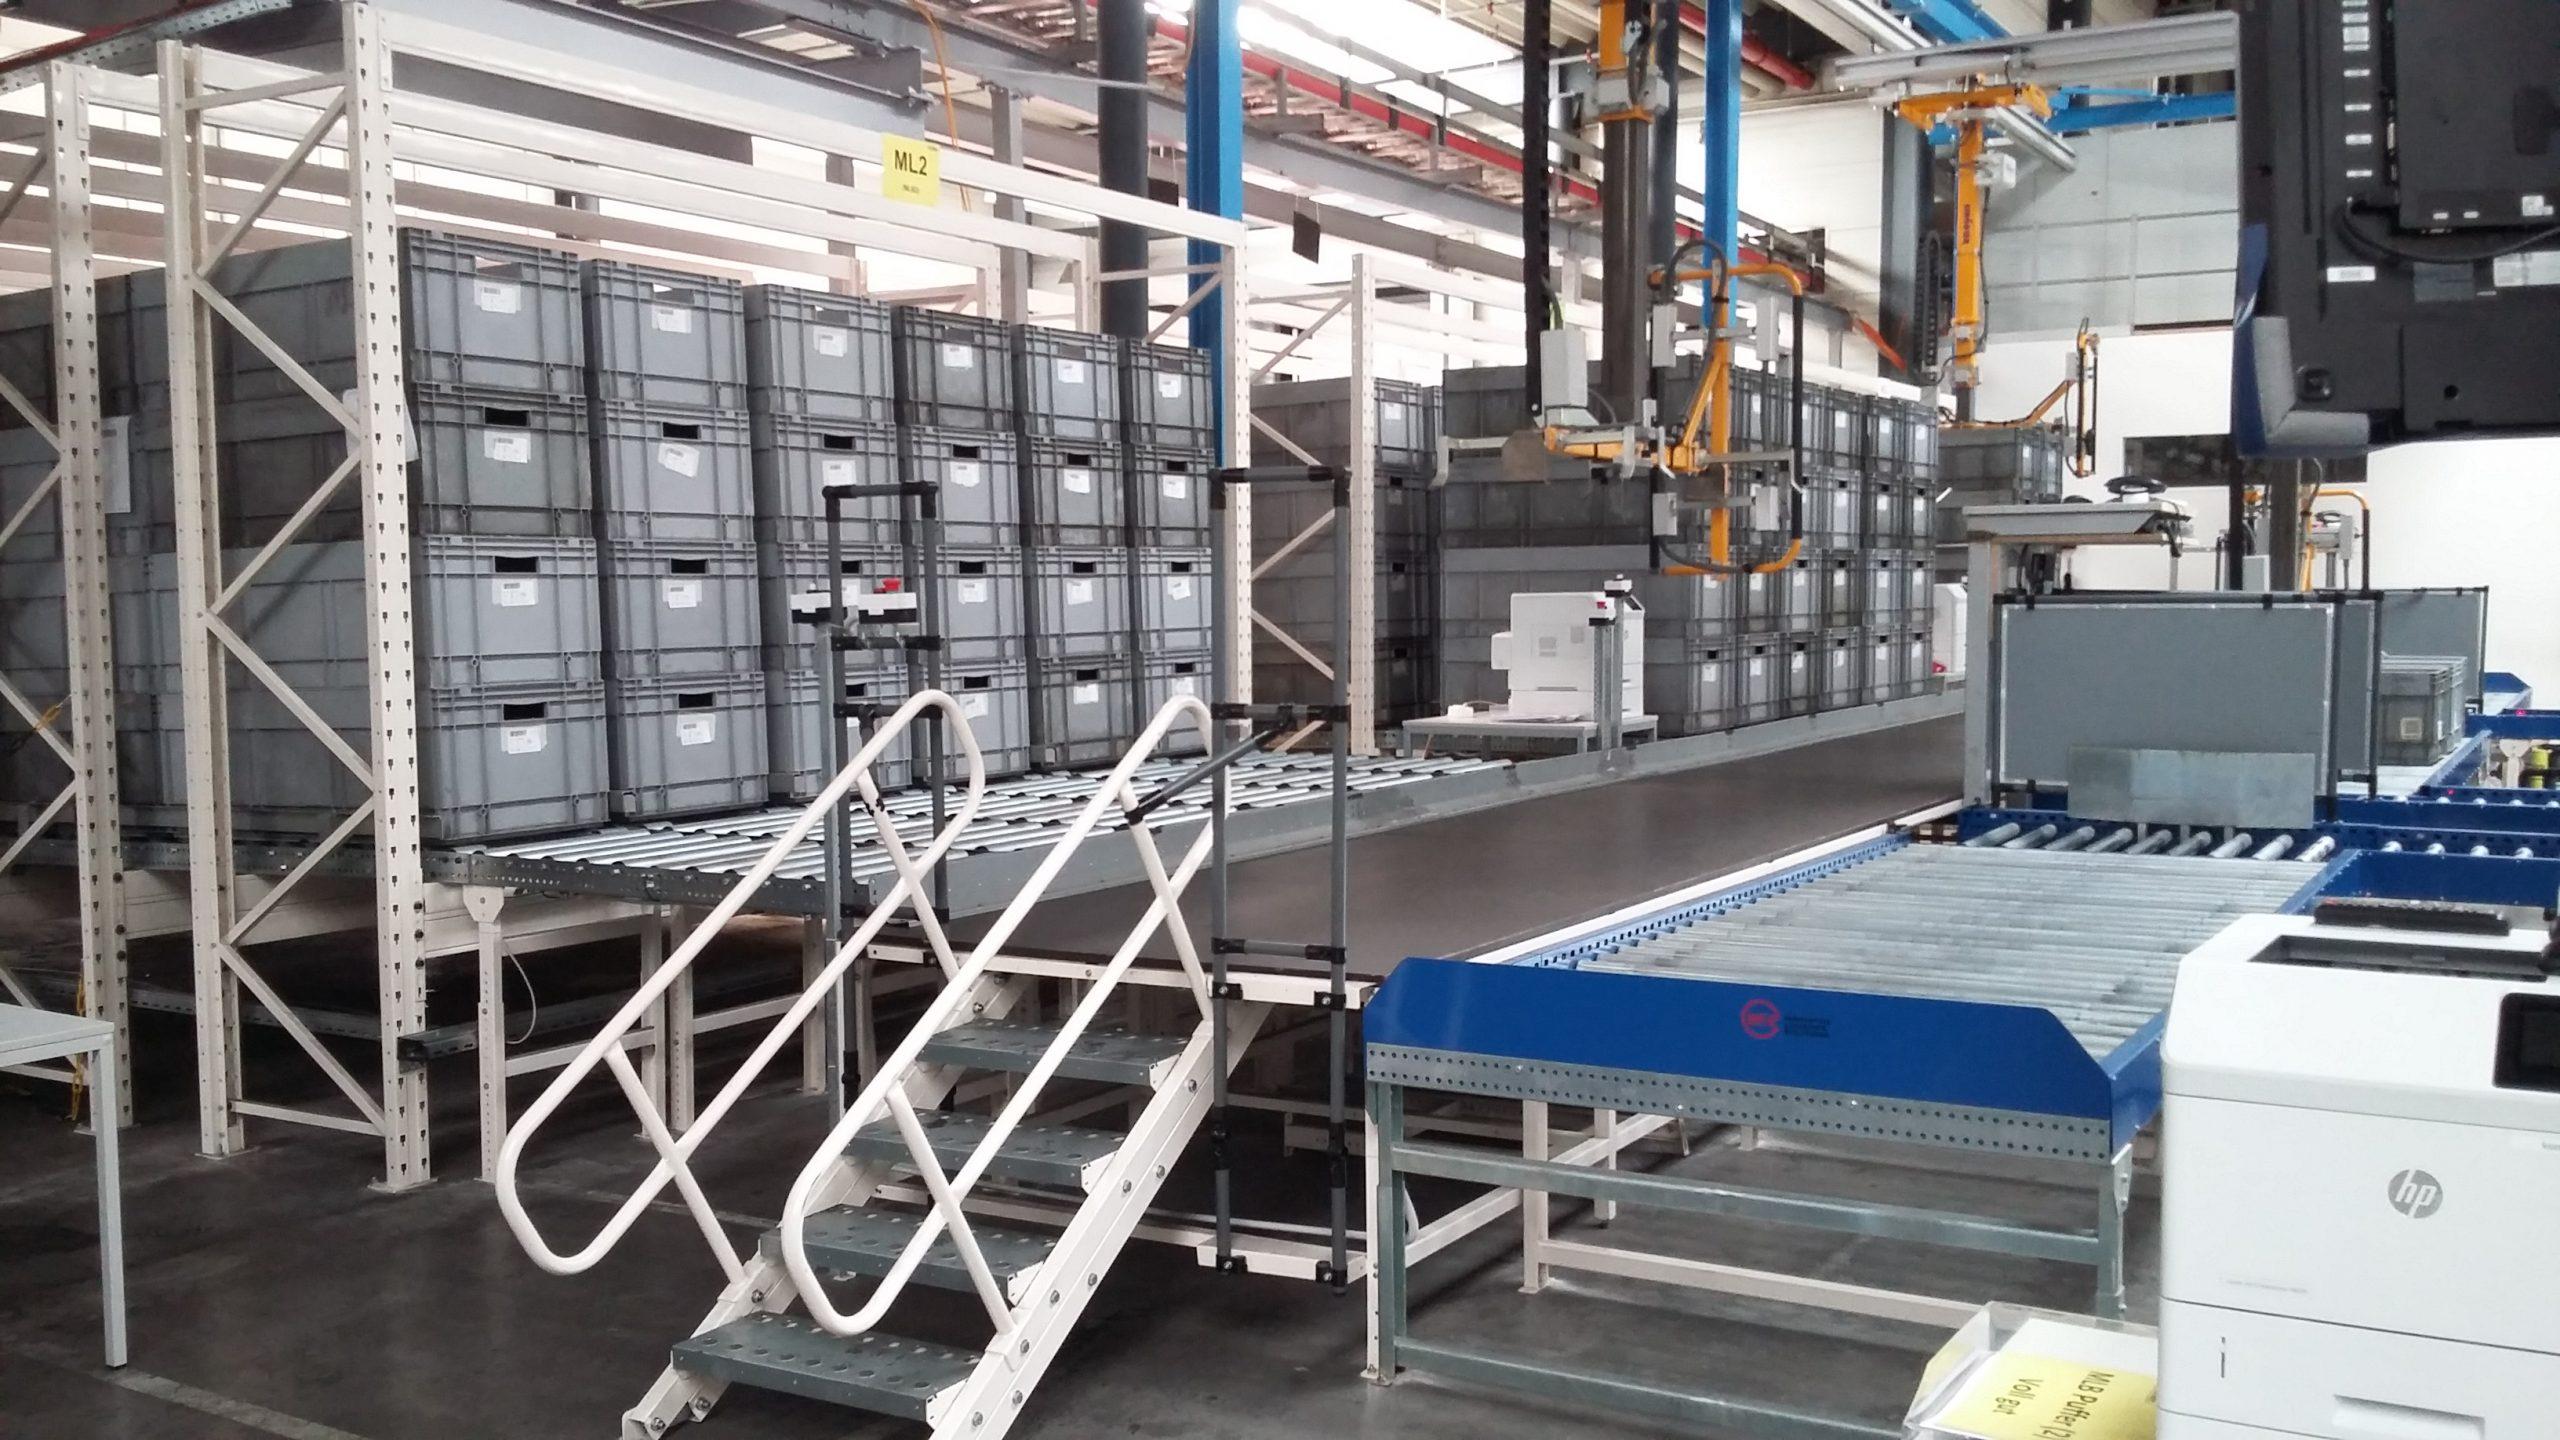 Автоматизация производственного склада Kromberg&Schubert - 19 - kapelou.com